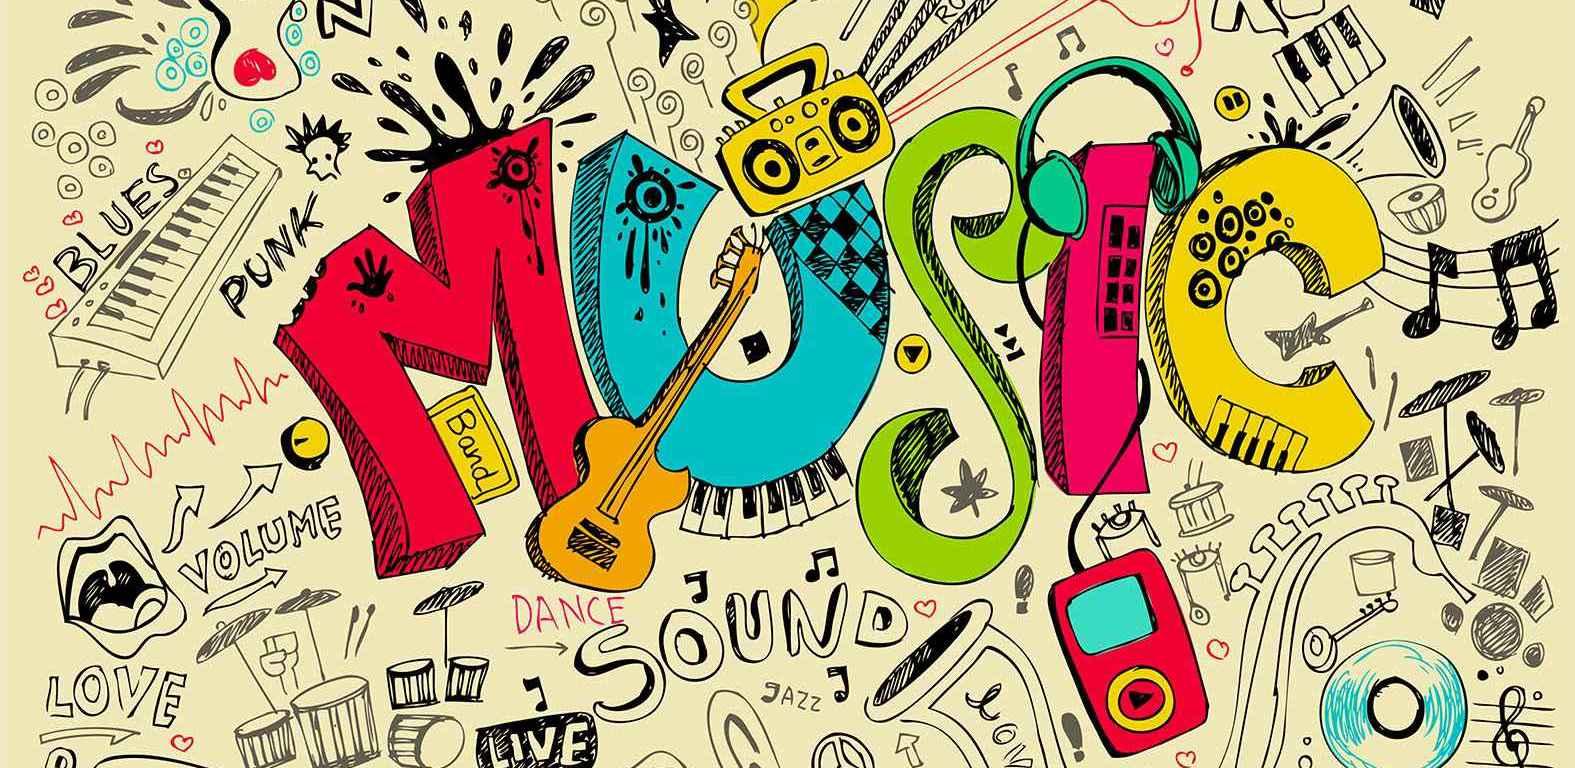 musique-urbaine